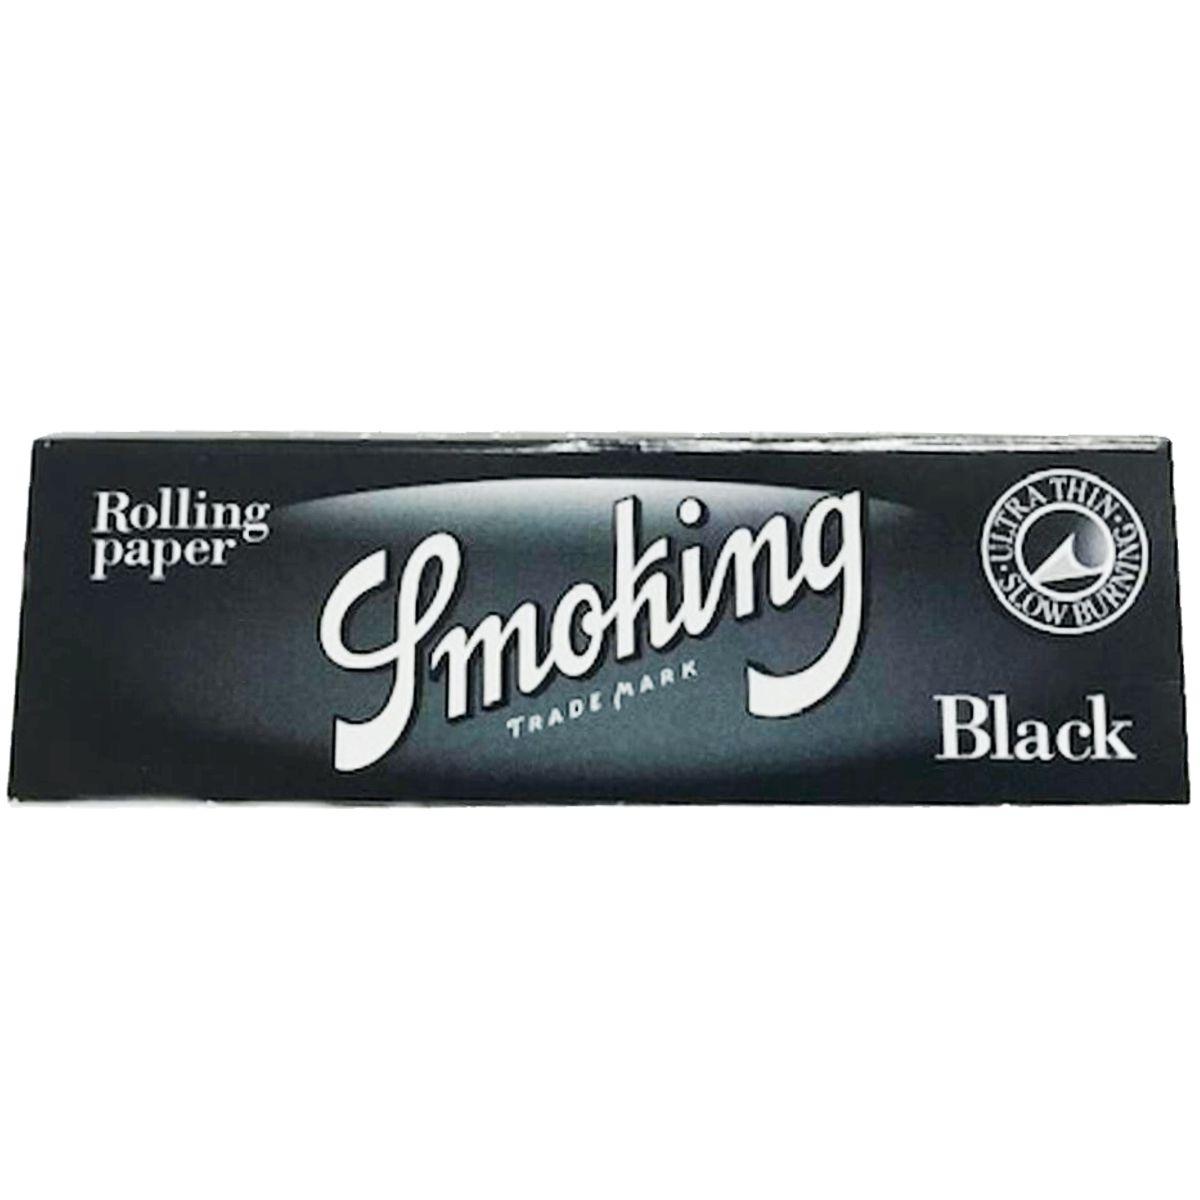 papel smoking black venta online